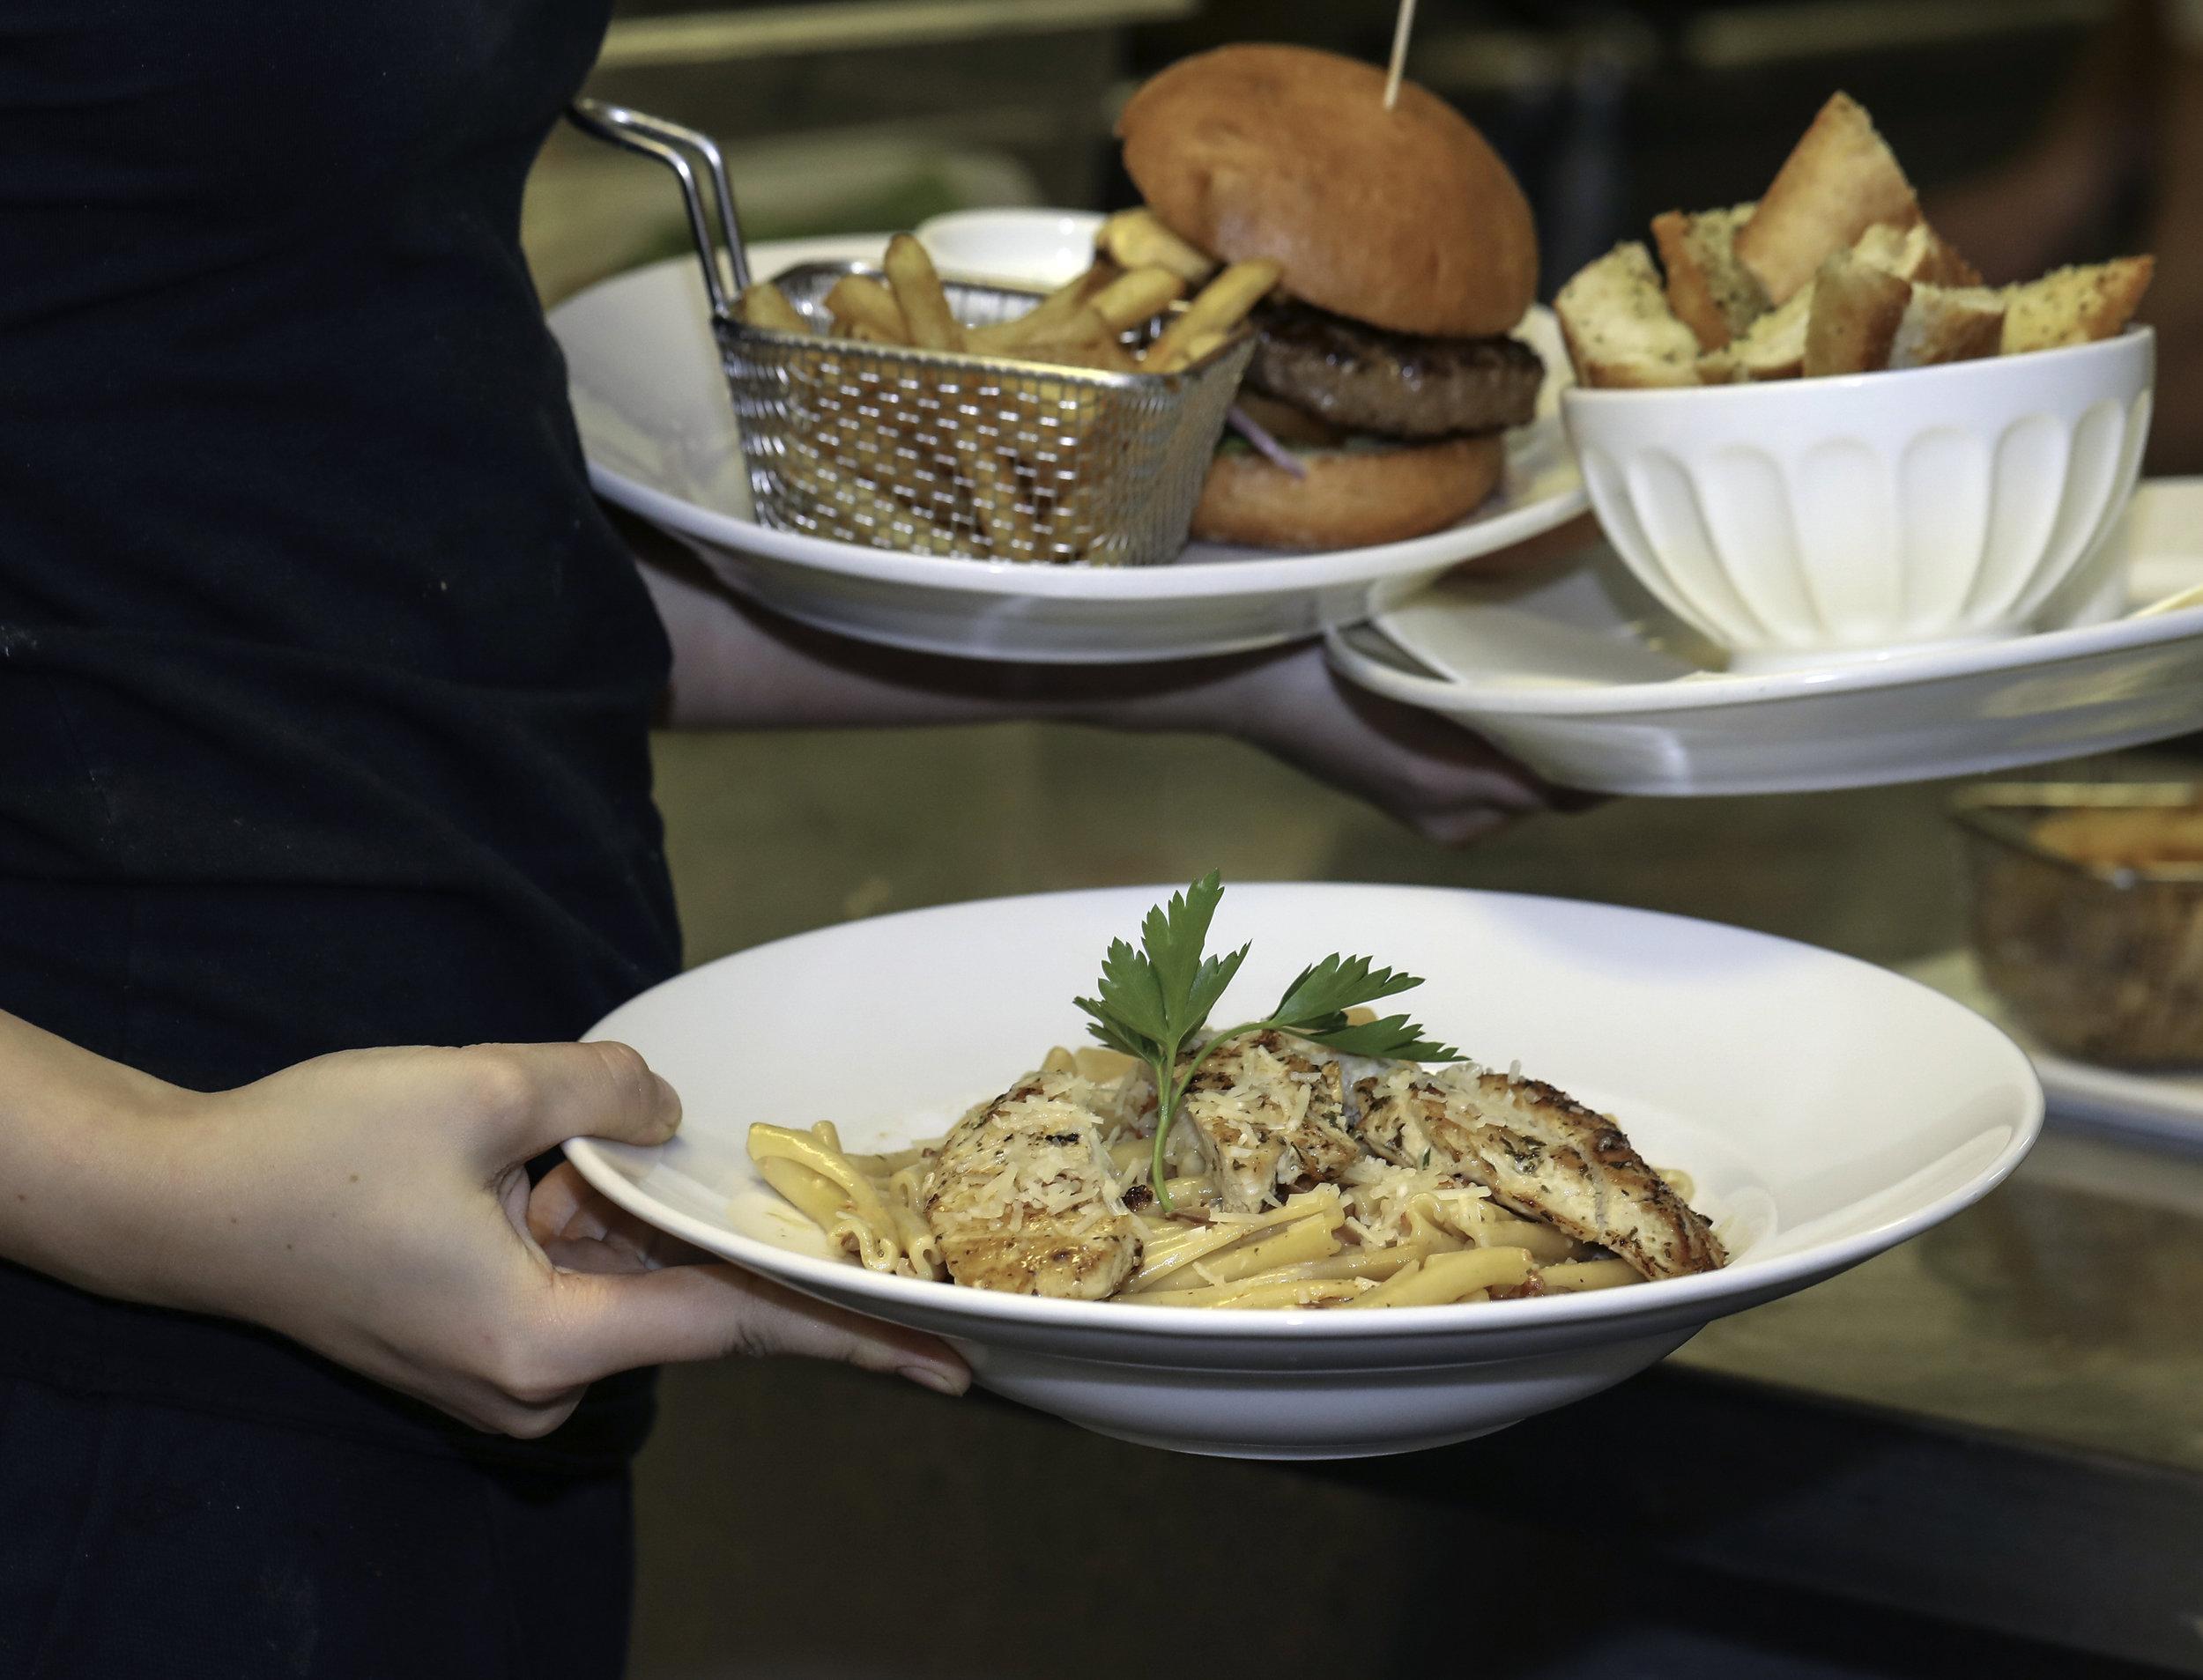 Restaurang - Dagens lunch Måndag till Fredag, Alingsås största salladsbuffé, en fantastisk À la carte meny och mycket mer!